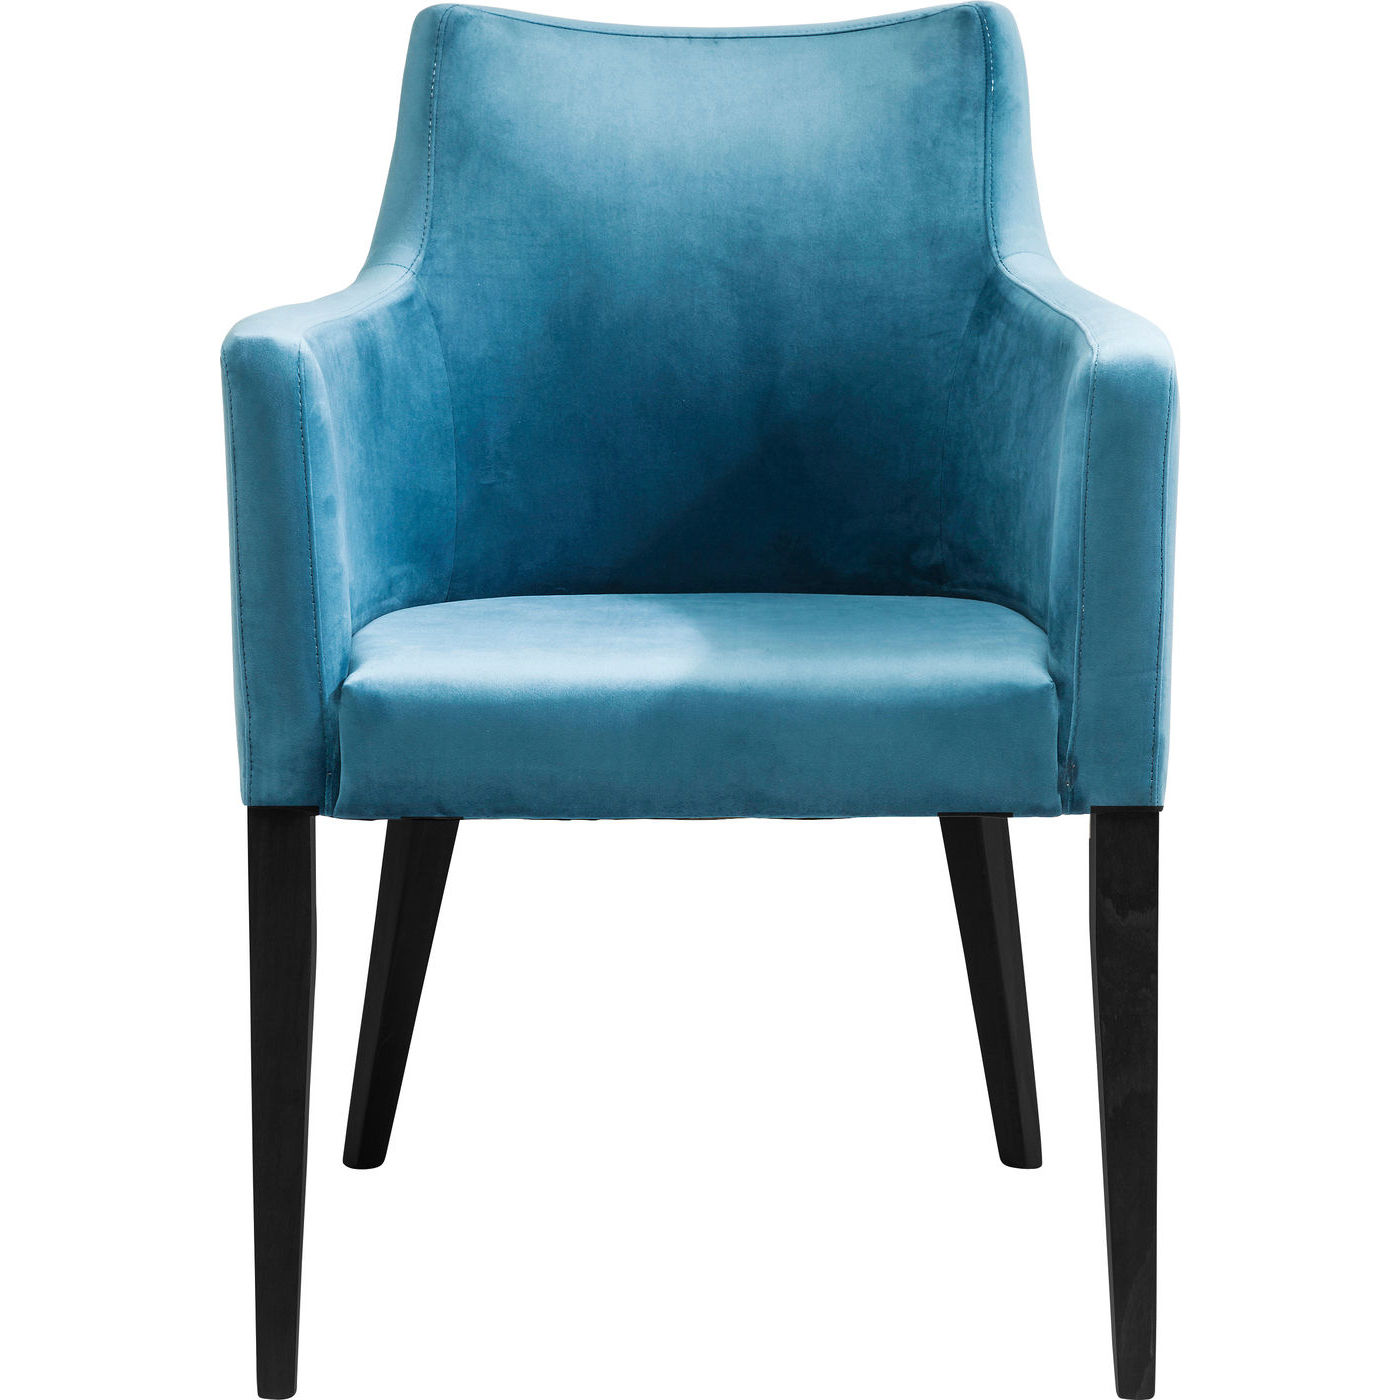 kare design – Kare design black mode velvet bluegreen lænestol - blå/grønt stof og bøg, m. armlæn på boboonline.dk